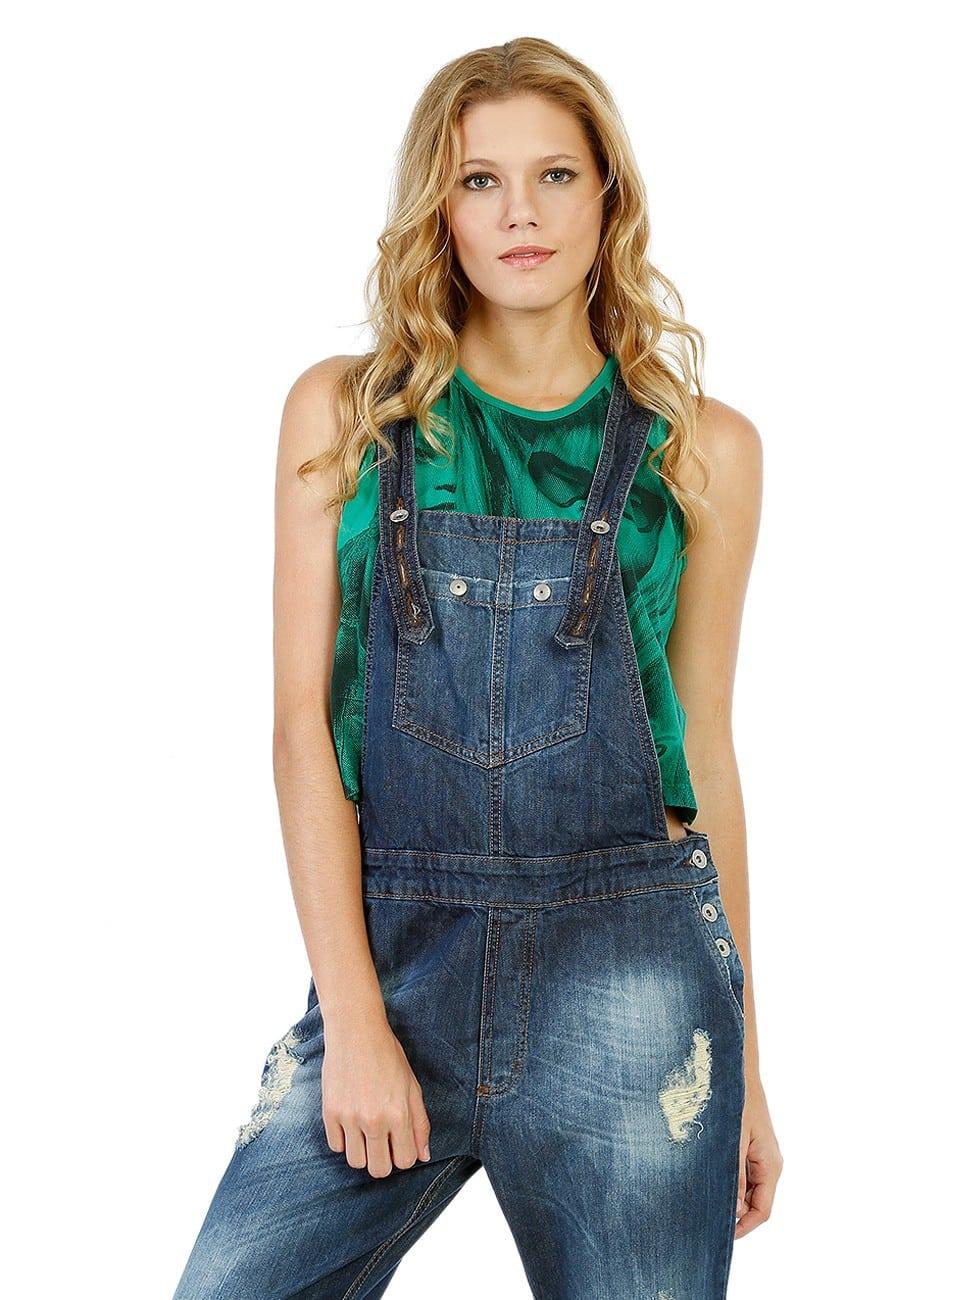 d2d03dffc Isso sem falar nas famosas jardineiras jeans, de preferência mais surradas,  que fazem o estilo mais grunge e para compor é só colocar uma t-shirt branca .